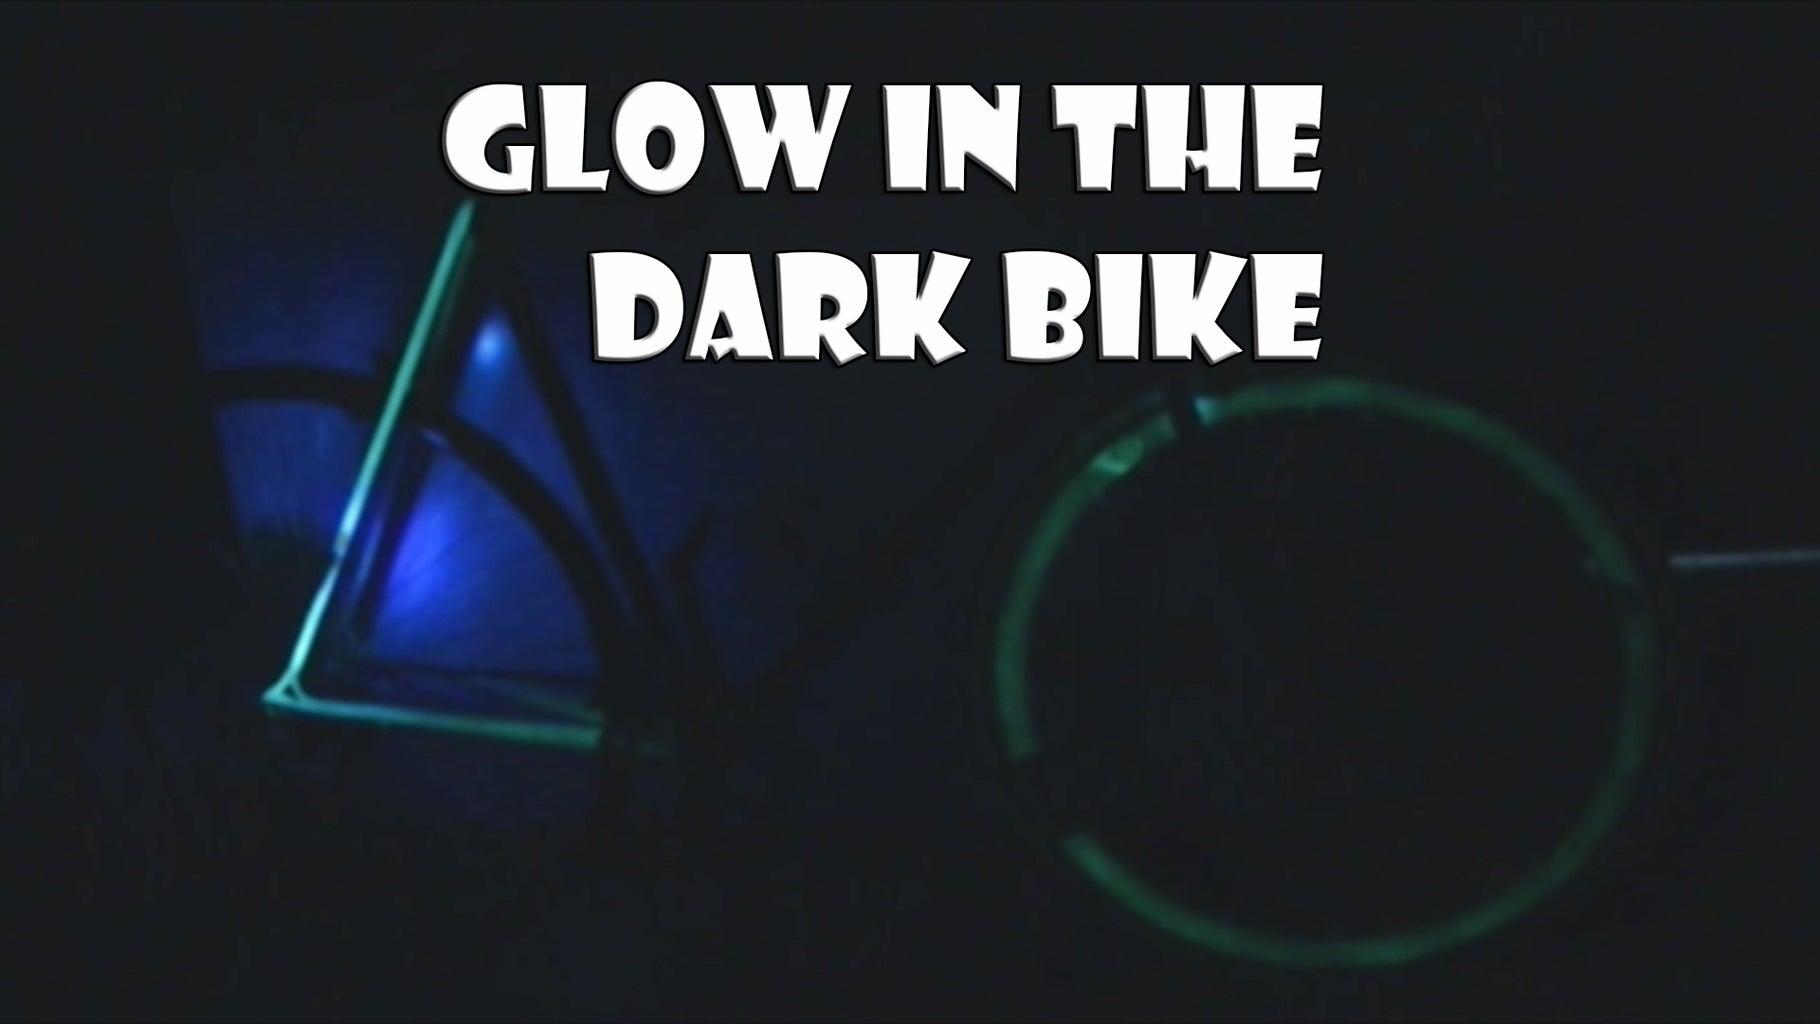 GLOW IN THE DARK BIKE-Bici Que Brilla En La Oscuridad